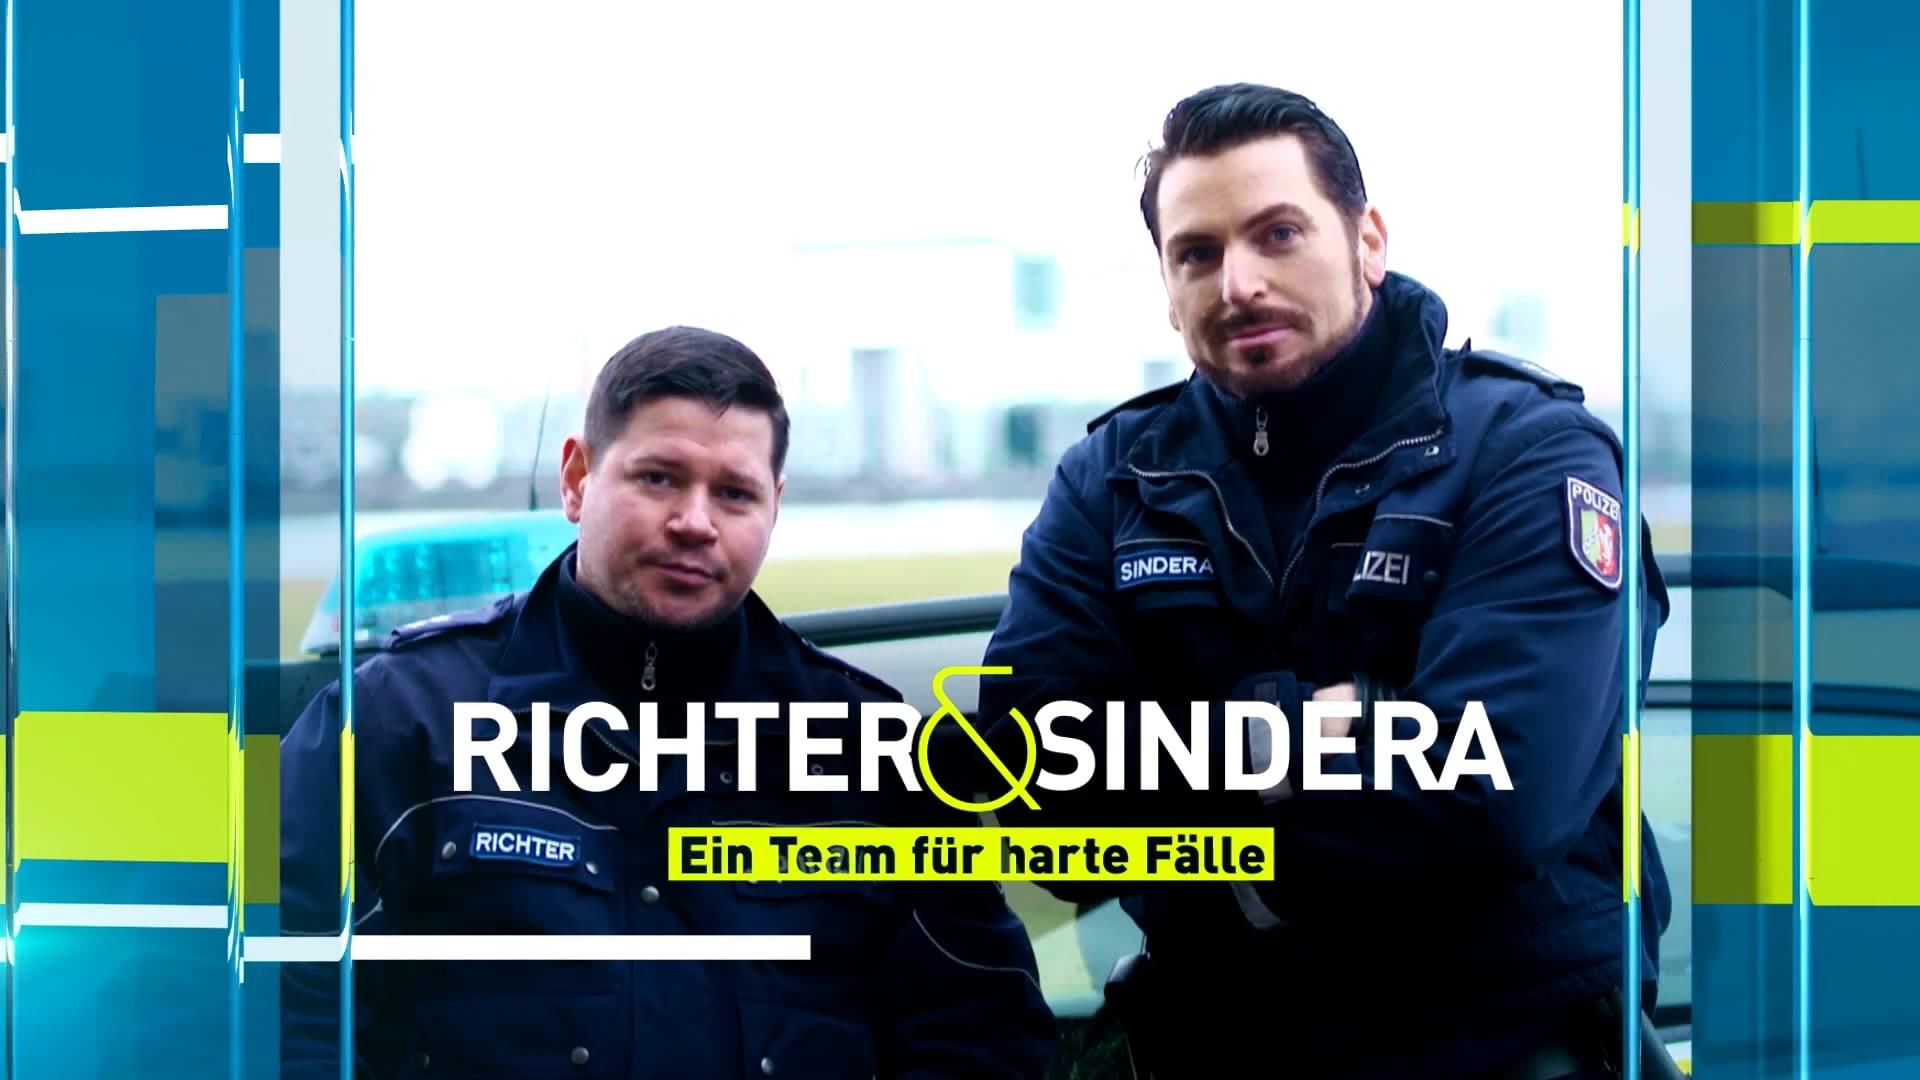 RICHTER & SINDERA